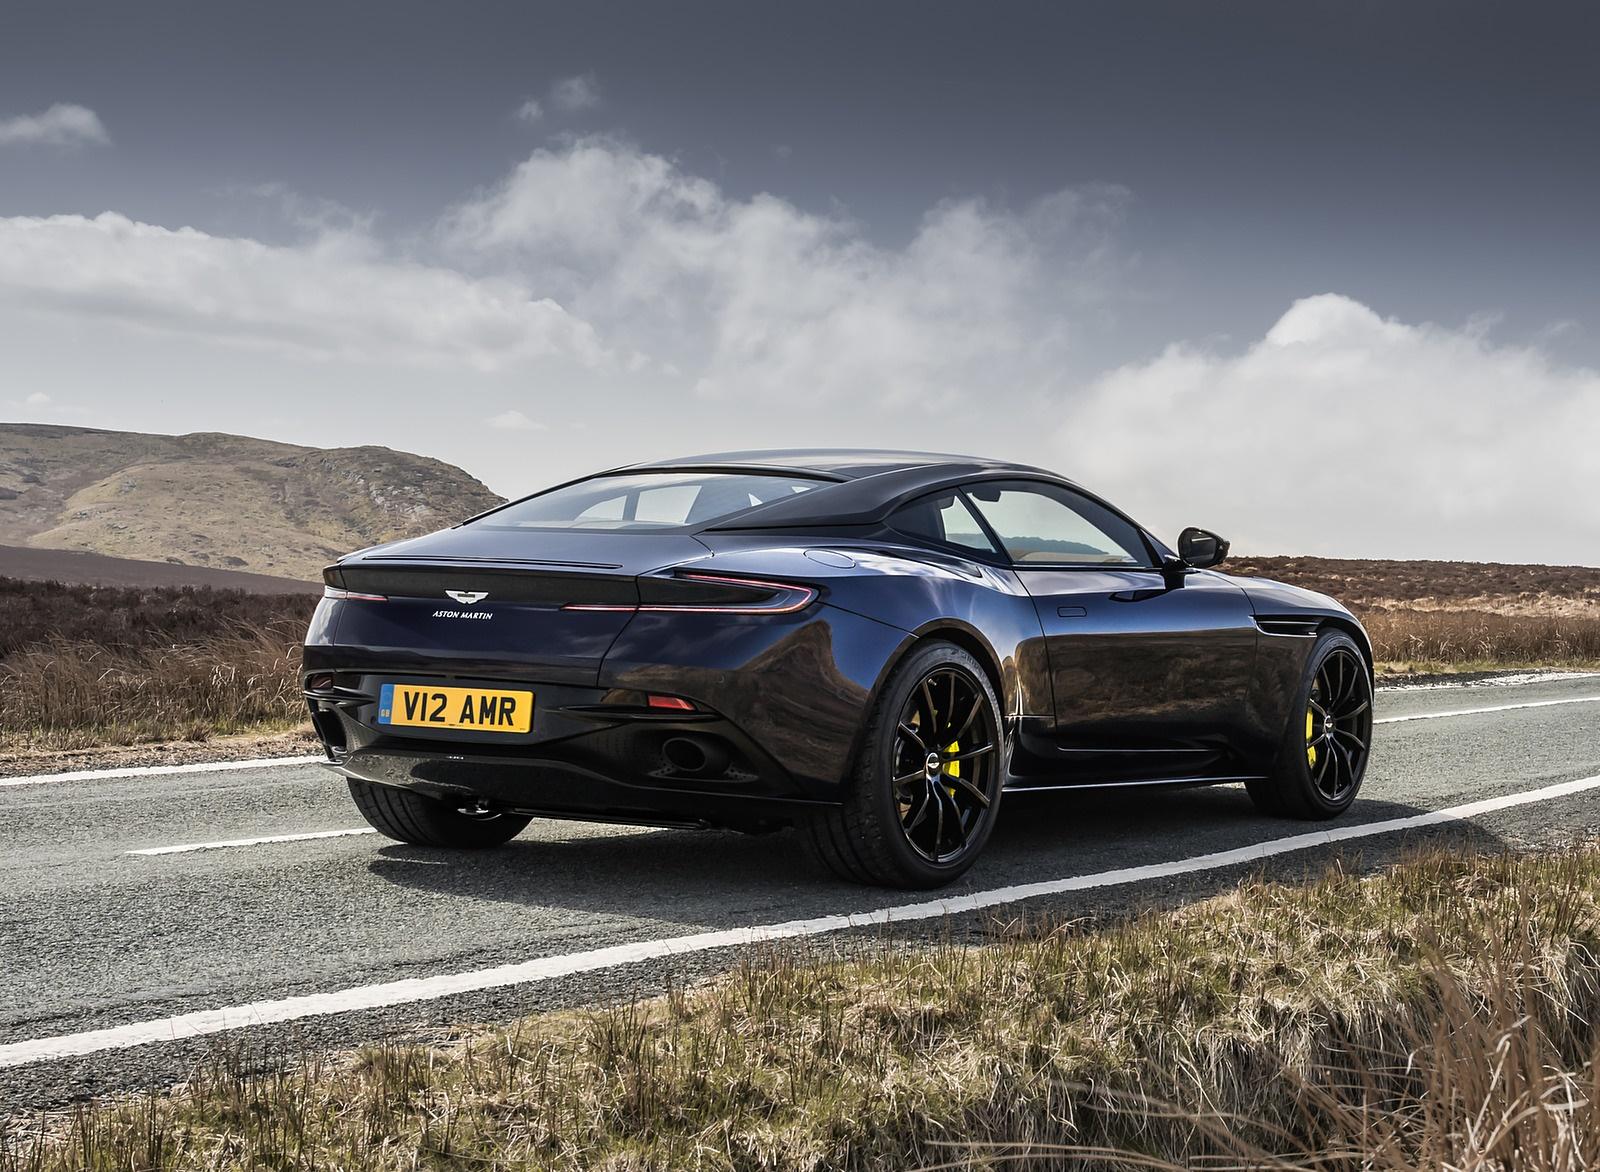 2019 Aston Martin Db11 Amr Blue Designer Specification